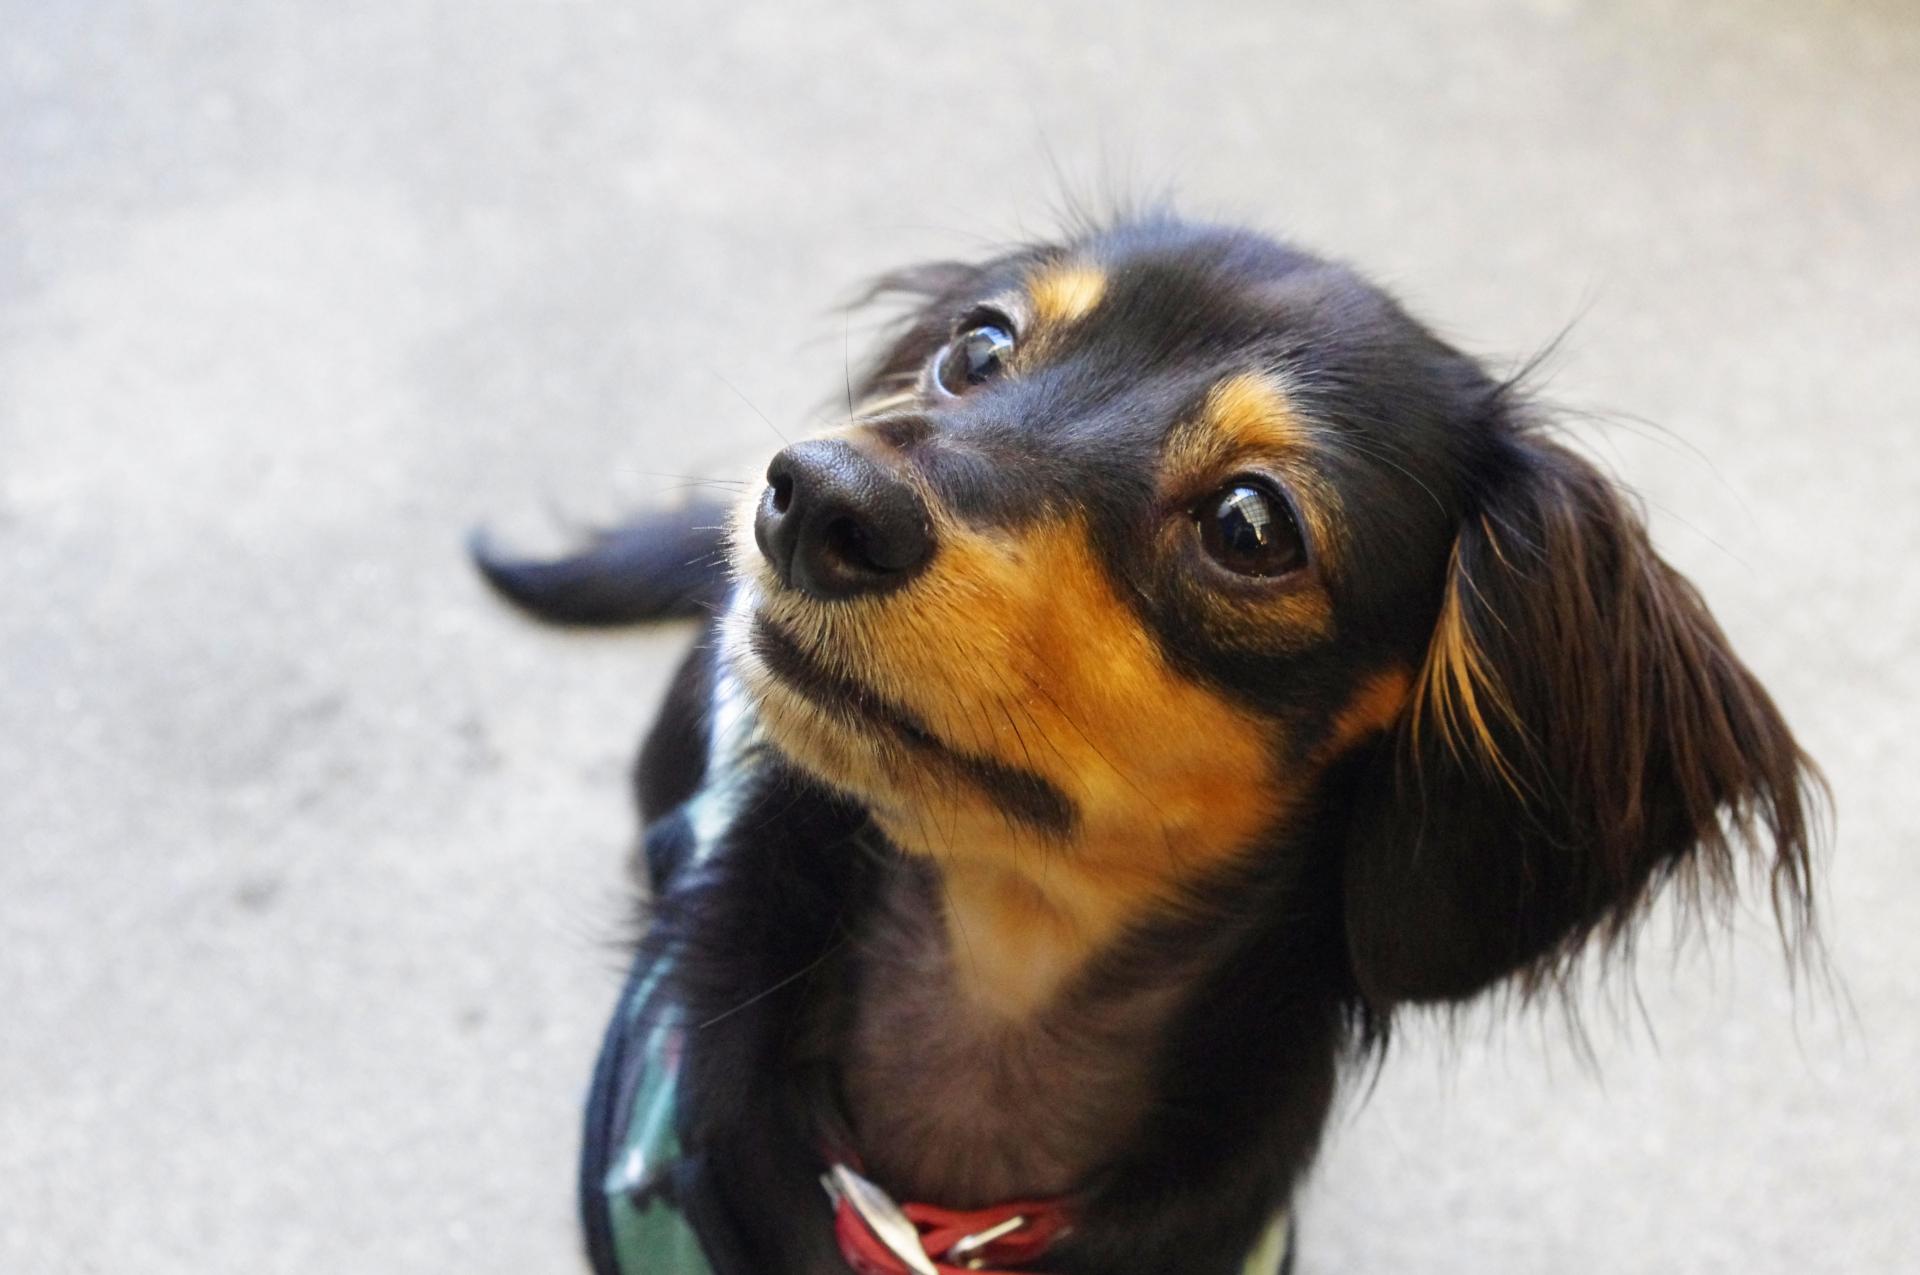 愛犬に芸を教えることはできる?簡単に芸を教える方法